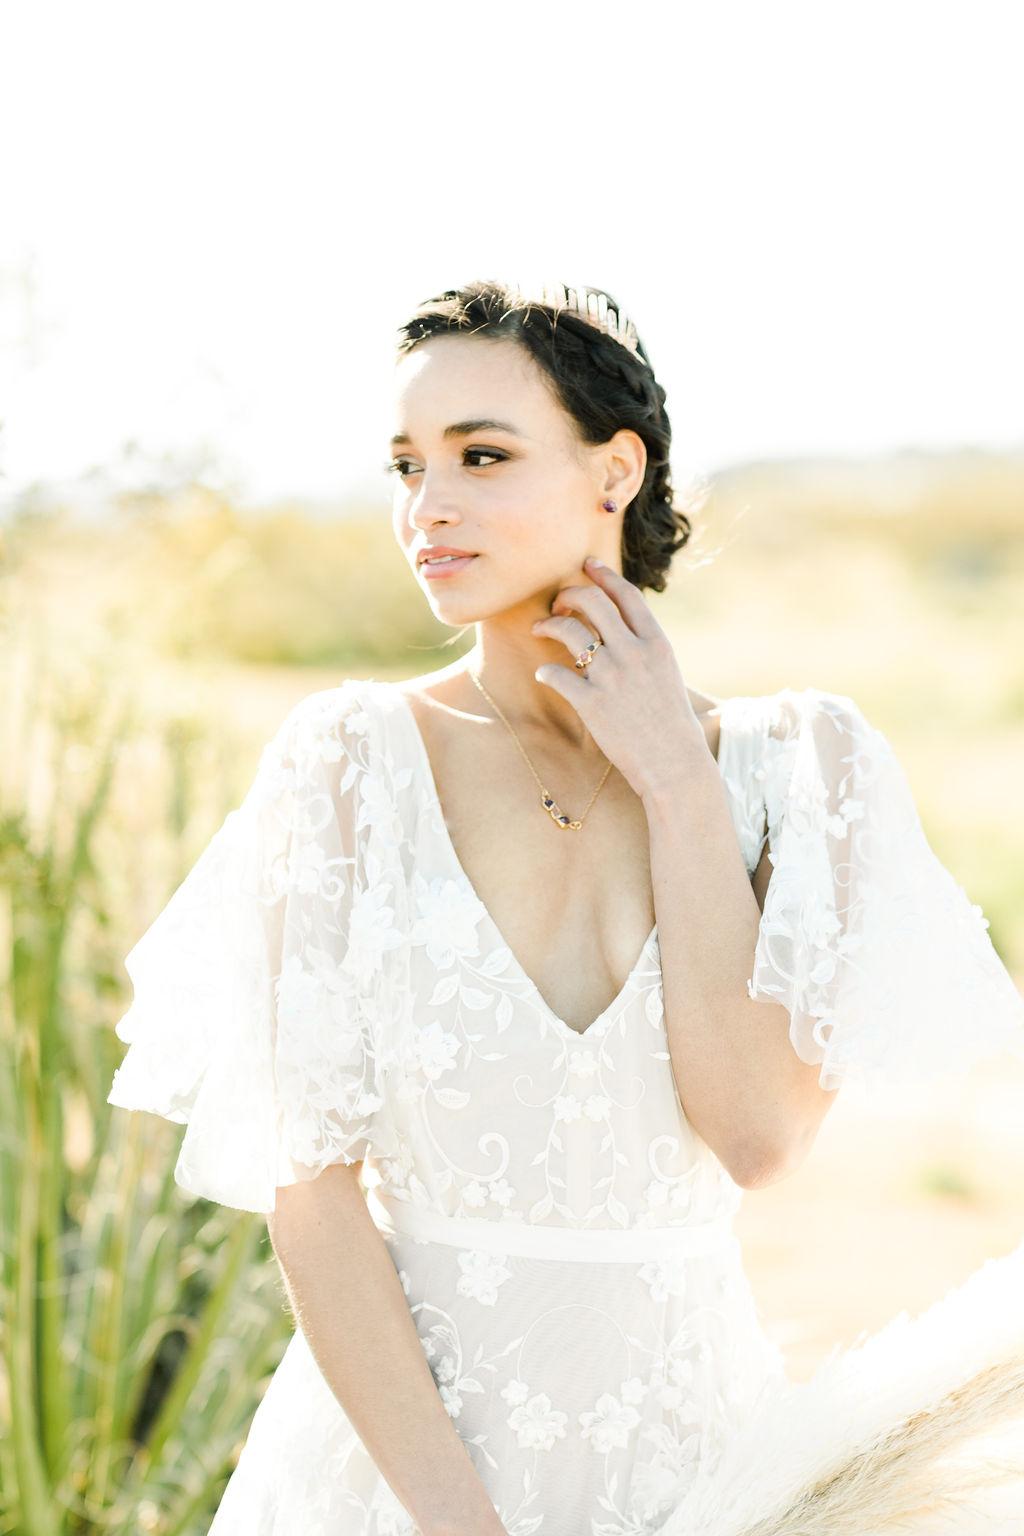 LA bride during her wedding